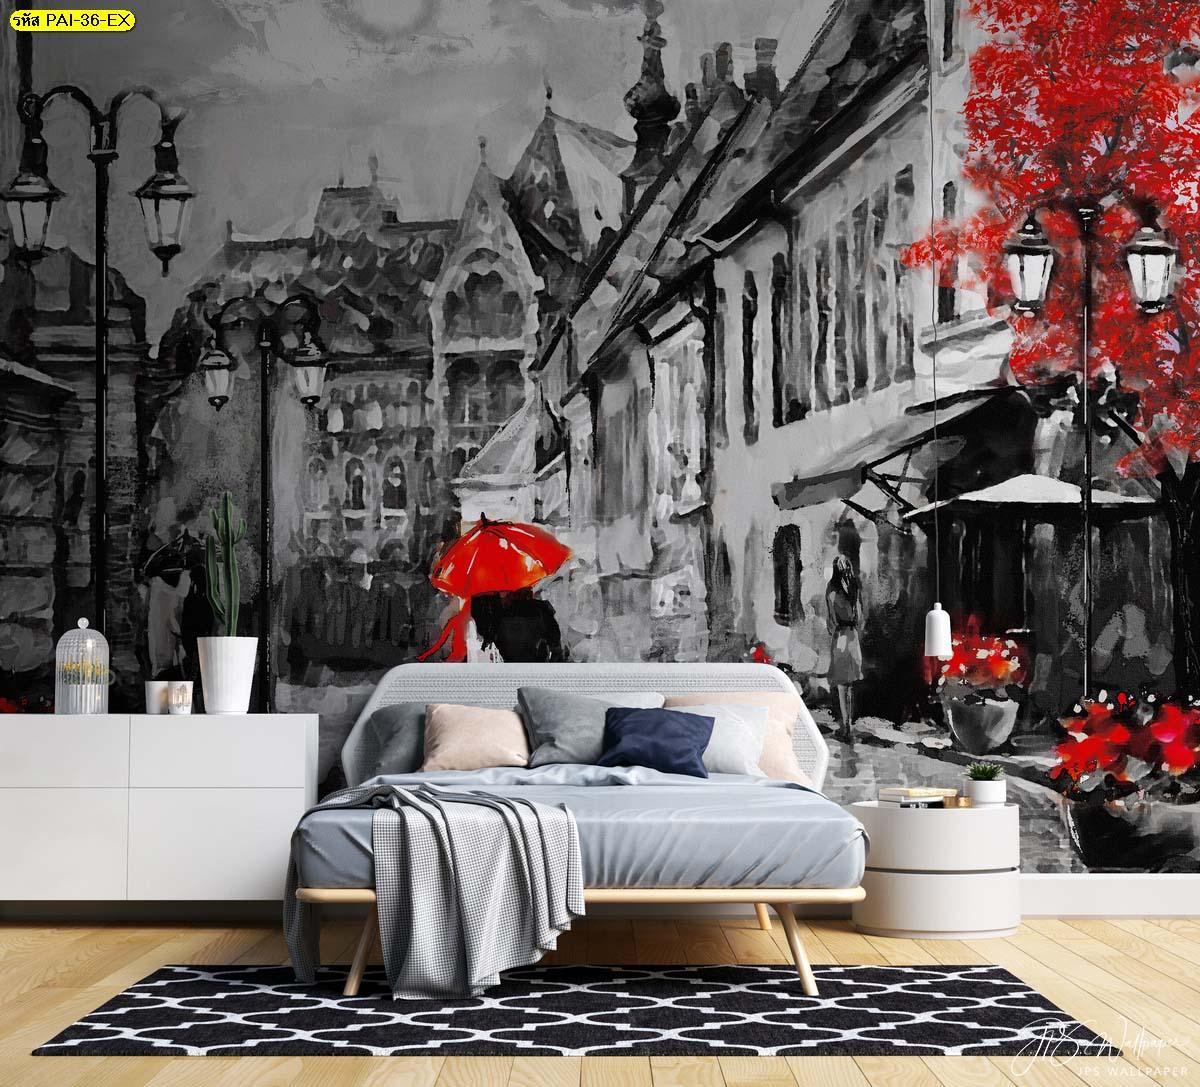 ภาพวาดสีน้ำมันสั่งพิมพ์บนผ้าแคนวาส รูปภาพขนาดใหญ่ตกแต่งผนังหัวเตียง แต่งห้องนอนสวยๆ